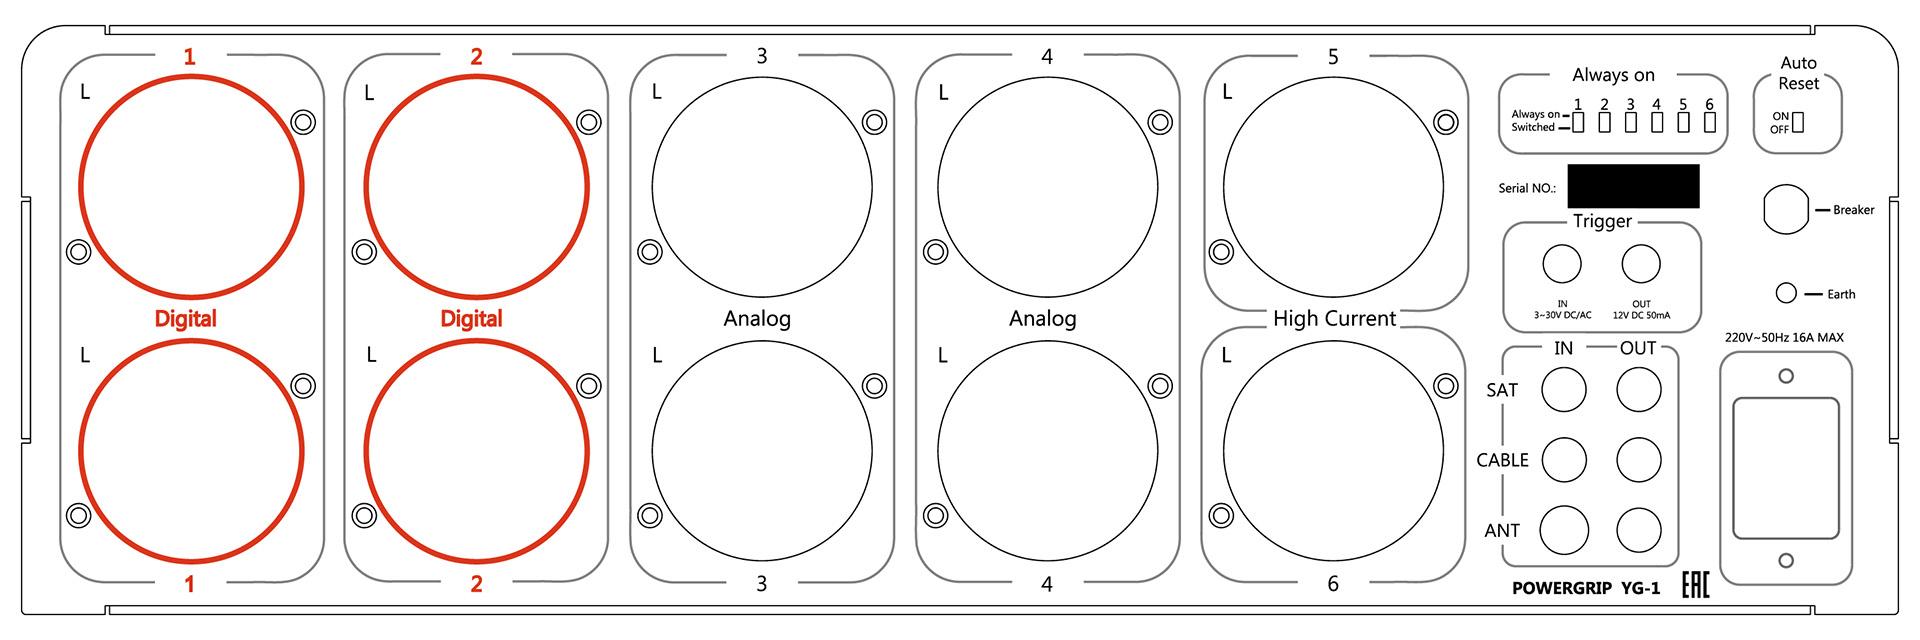 Для подключения устройств с цифровыми блоками питания предусмотрены группы розеток 1 и 2, обозначенные как DIGITAL.